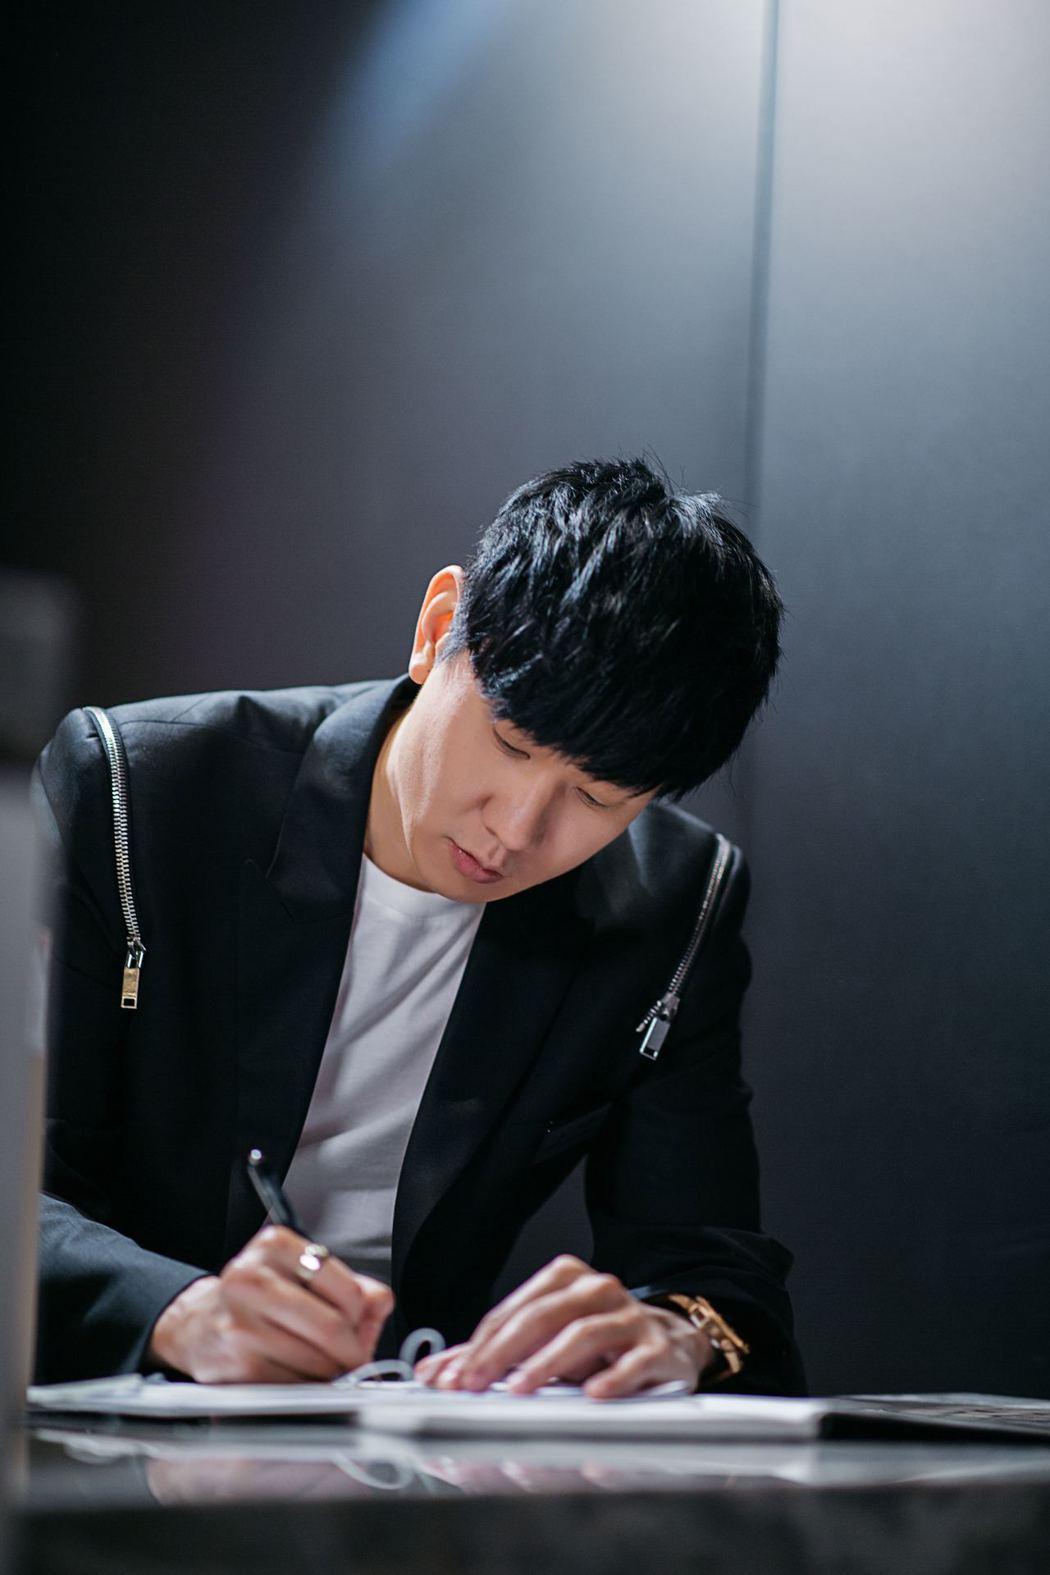 林俊傑發行新歌「對的時間點」。圖/JFJ PRODUCTIONS提供